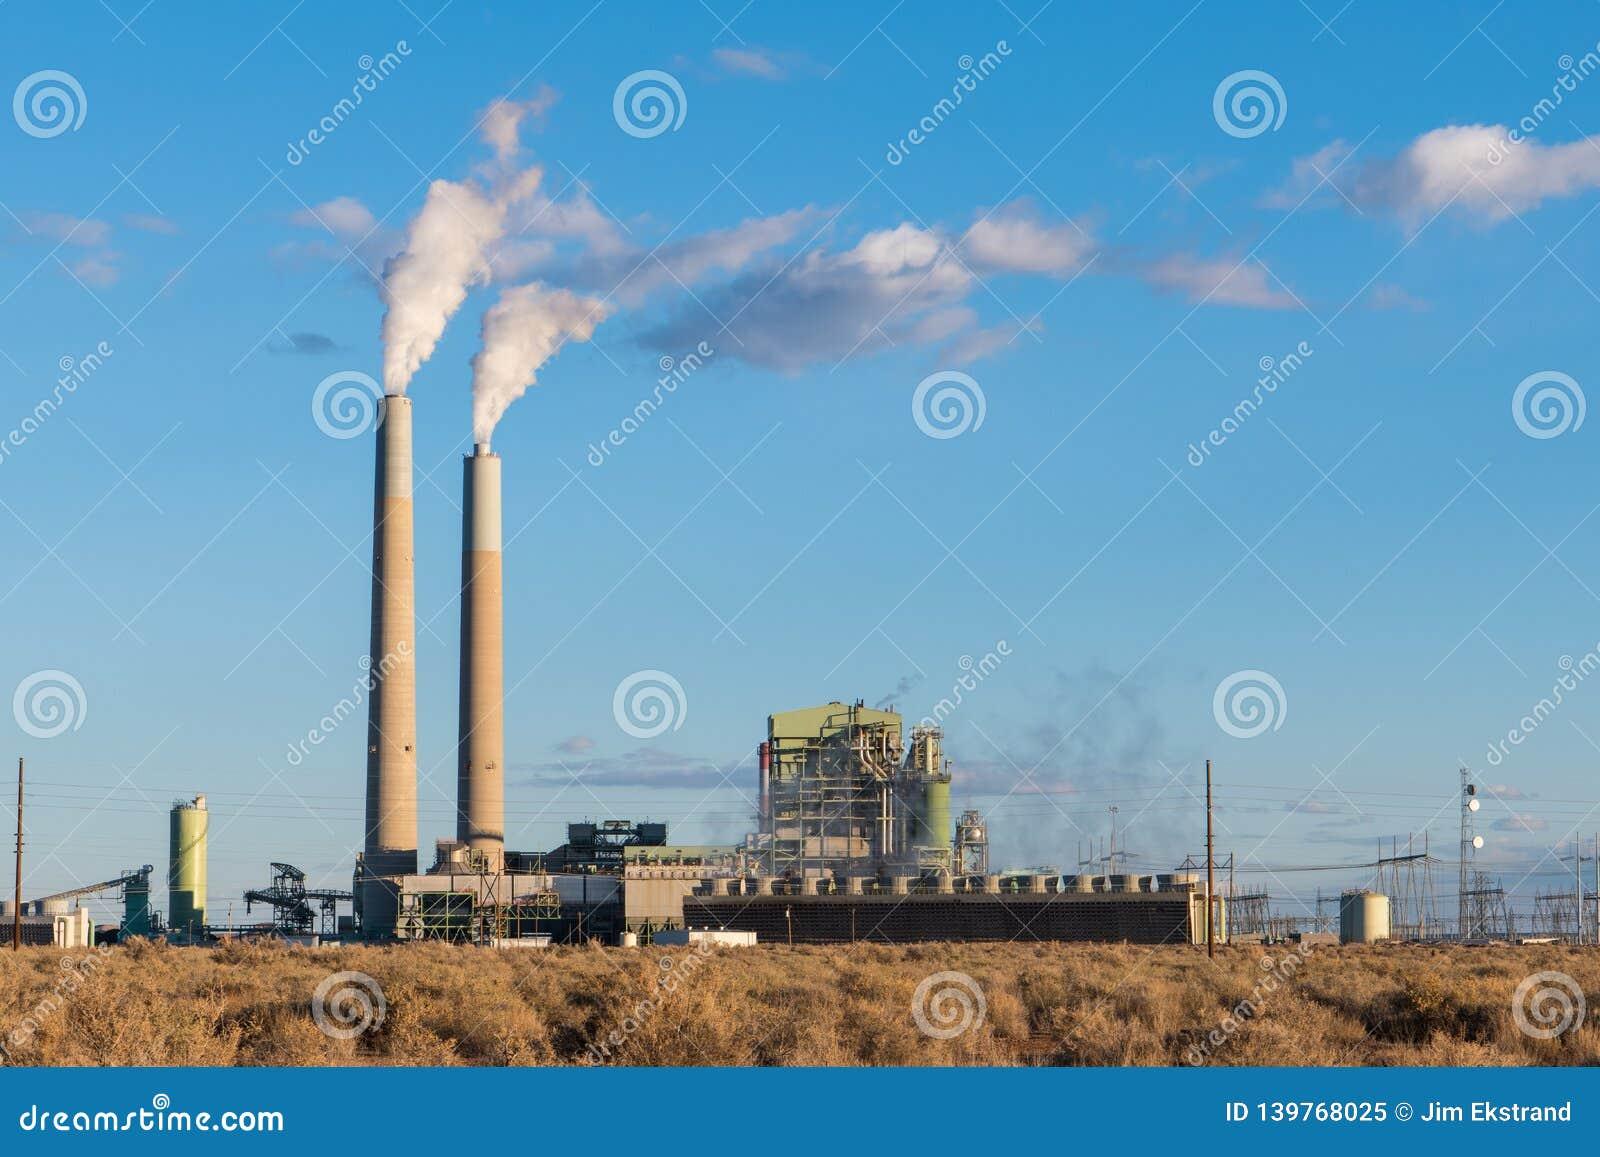 有散发缕缕烟的烟窗的一棵燃煤电能植物在美国西南部